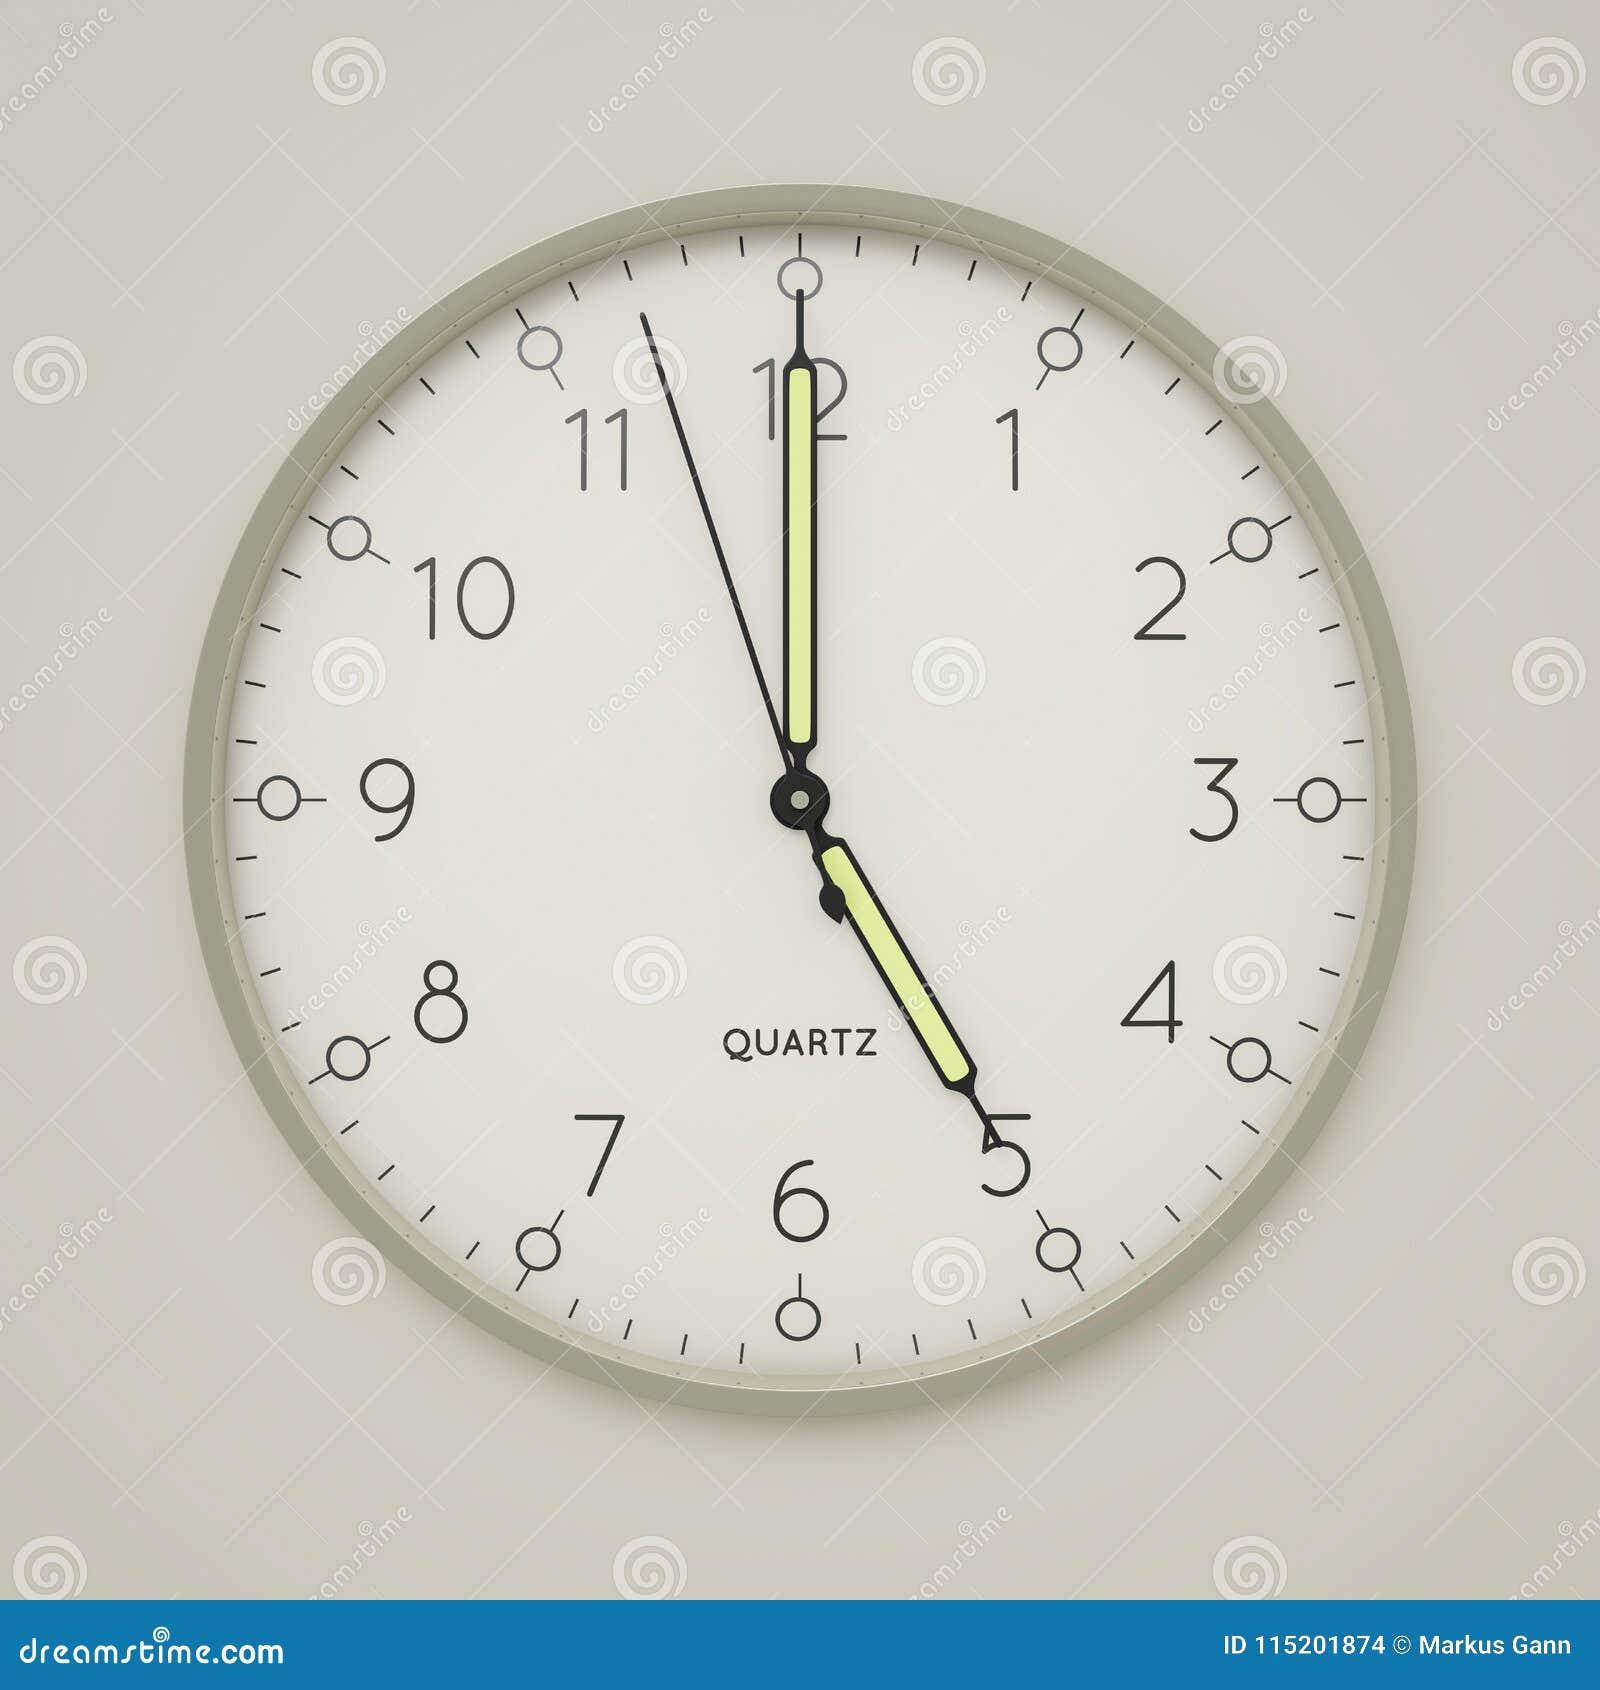 a clock shows 5 o  clock